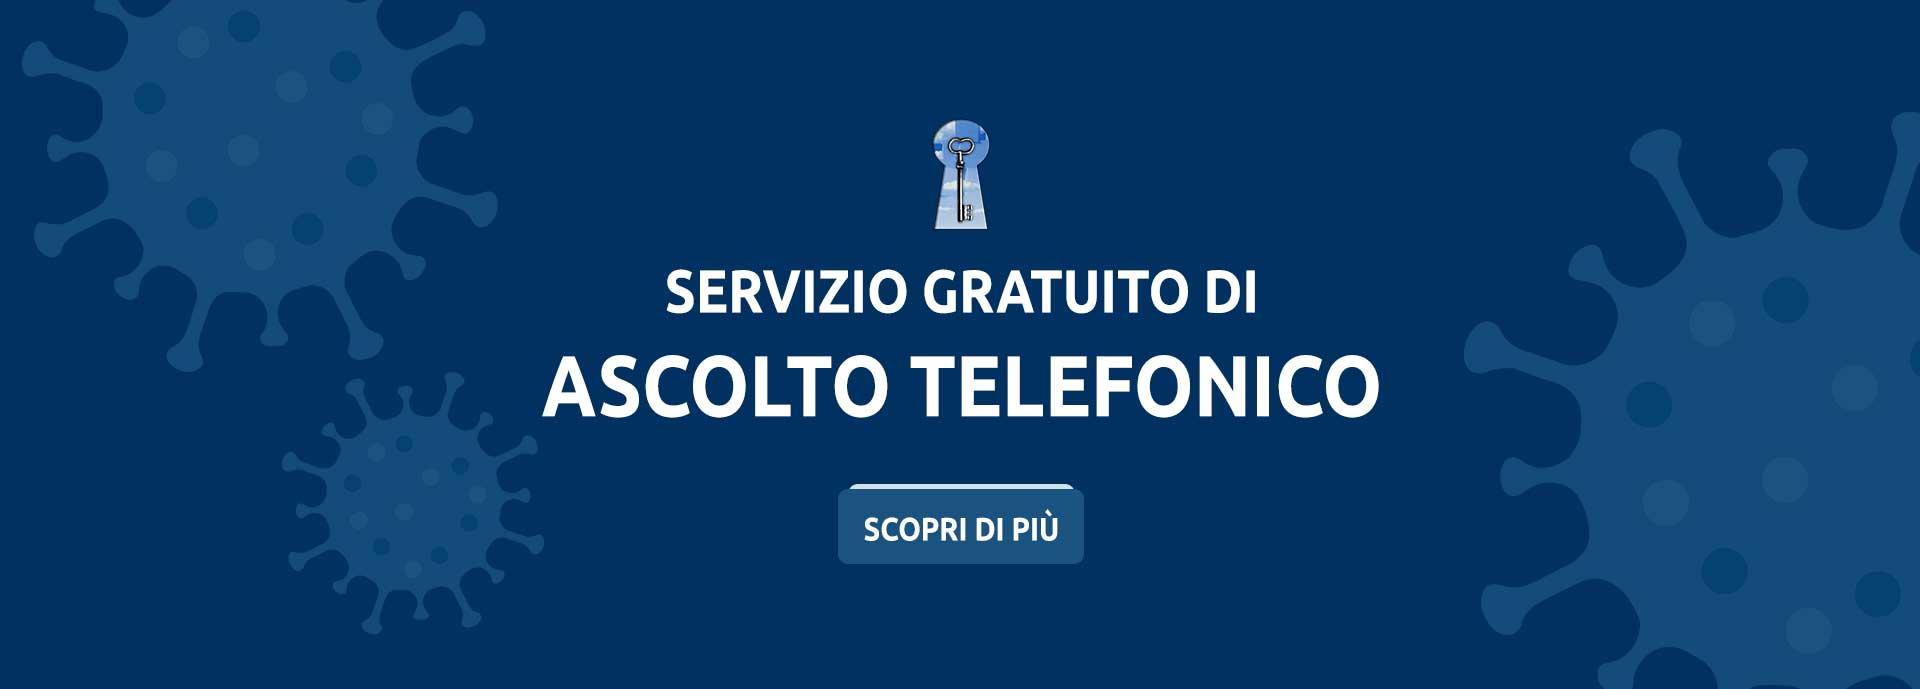 Servizio gratuito di ascolto telefonico